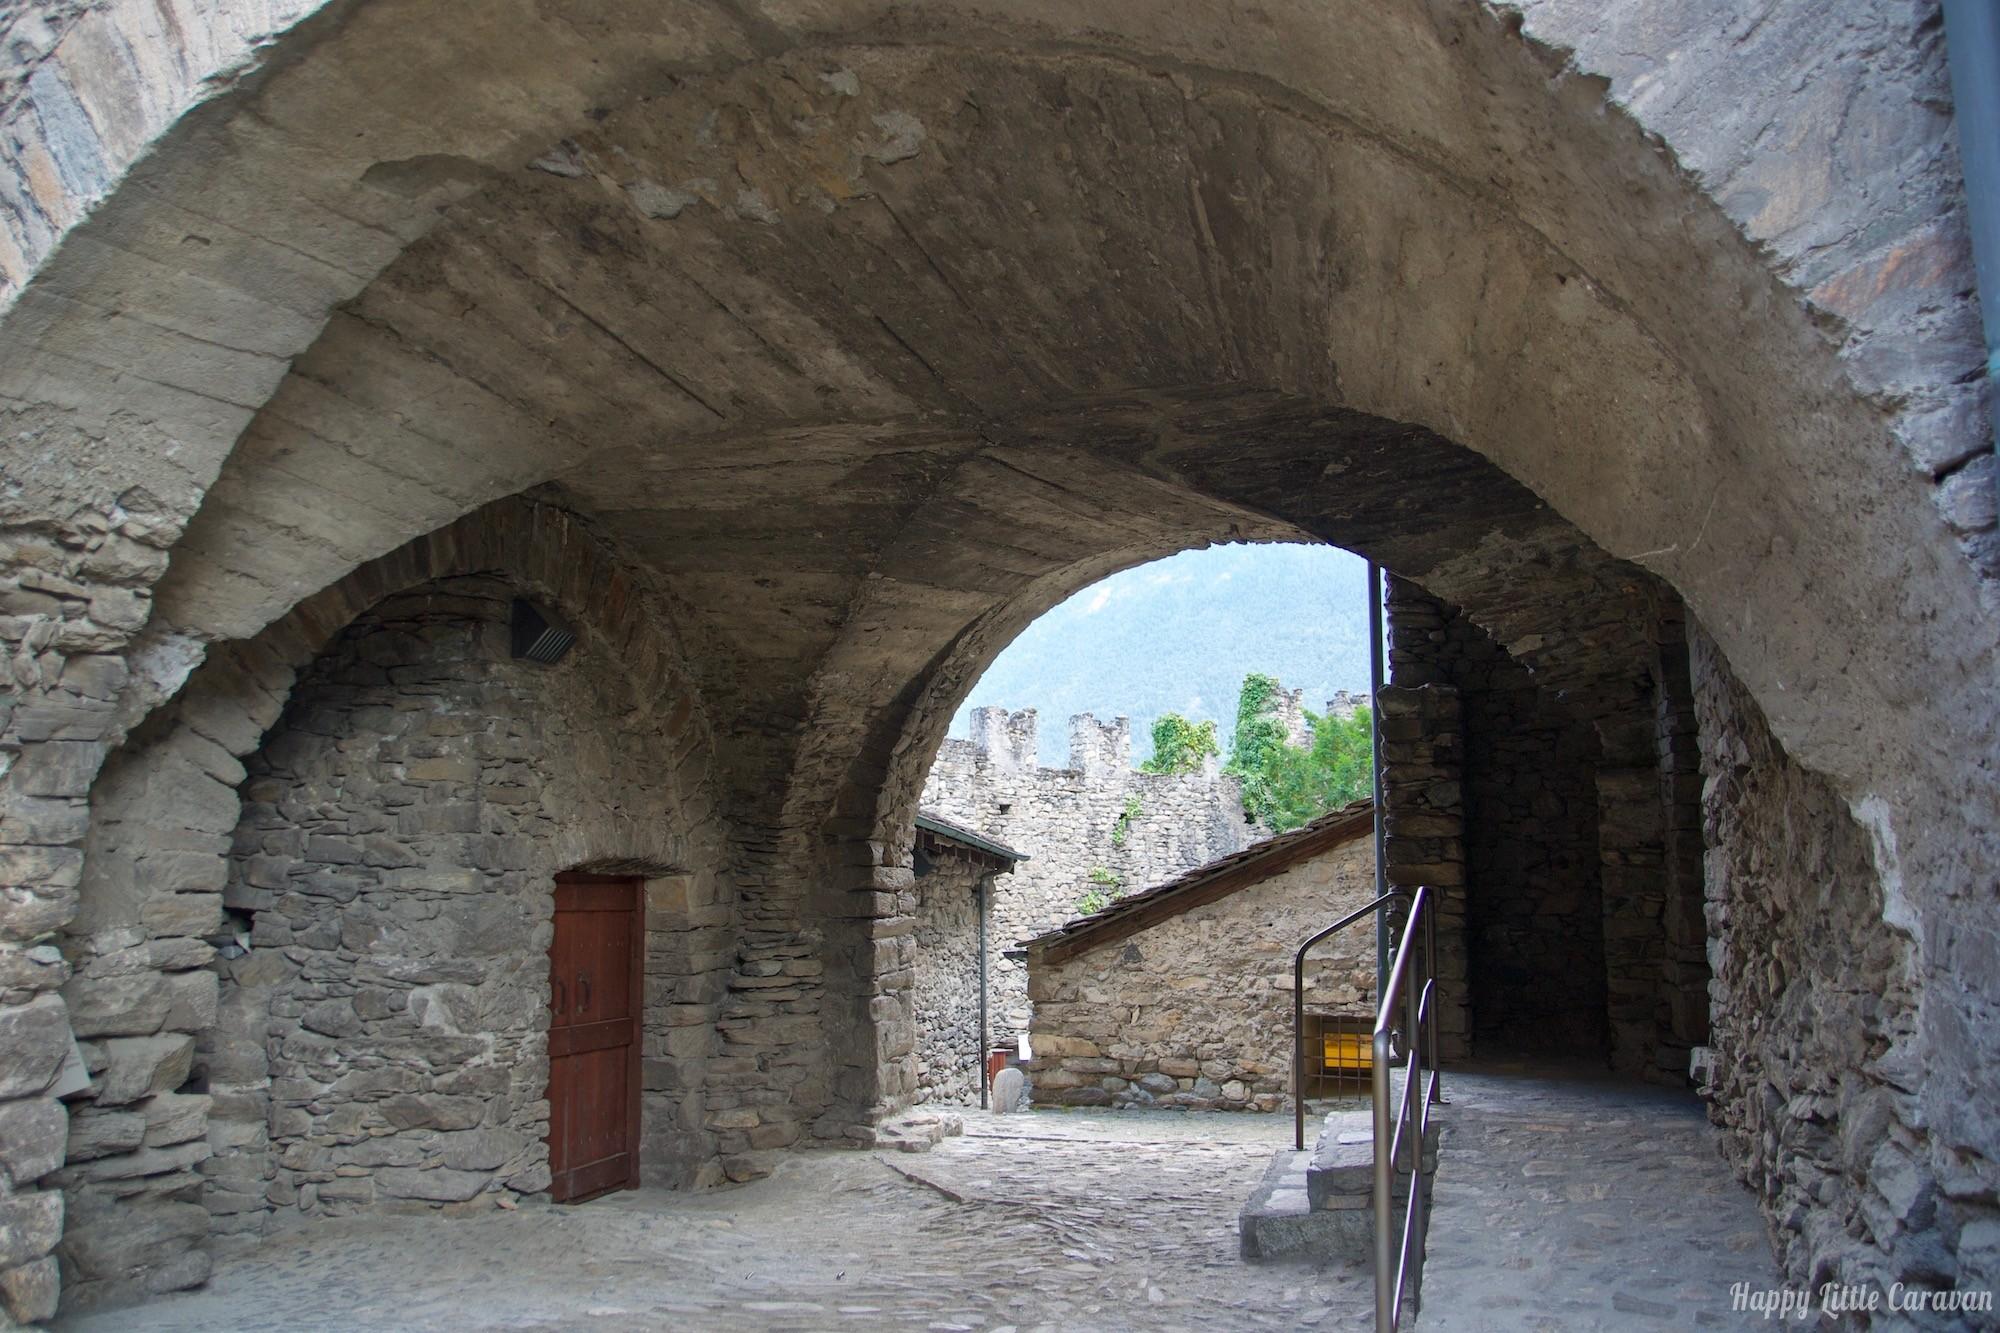 Valle d'Aosta - Castello Sarriod de la Tour